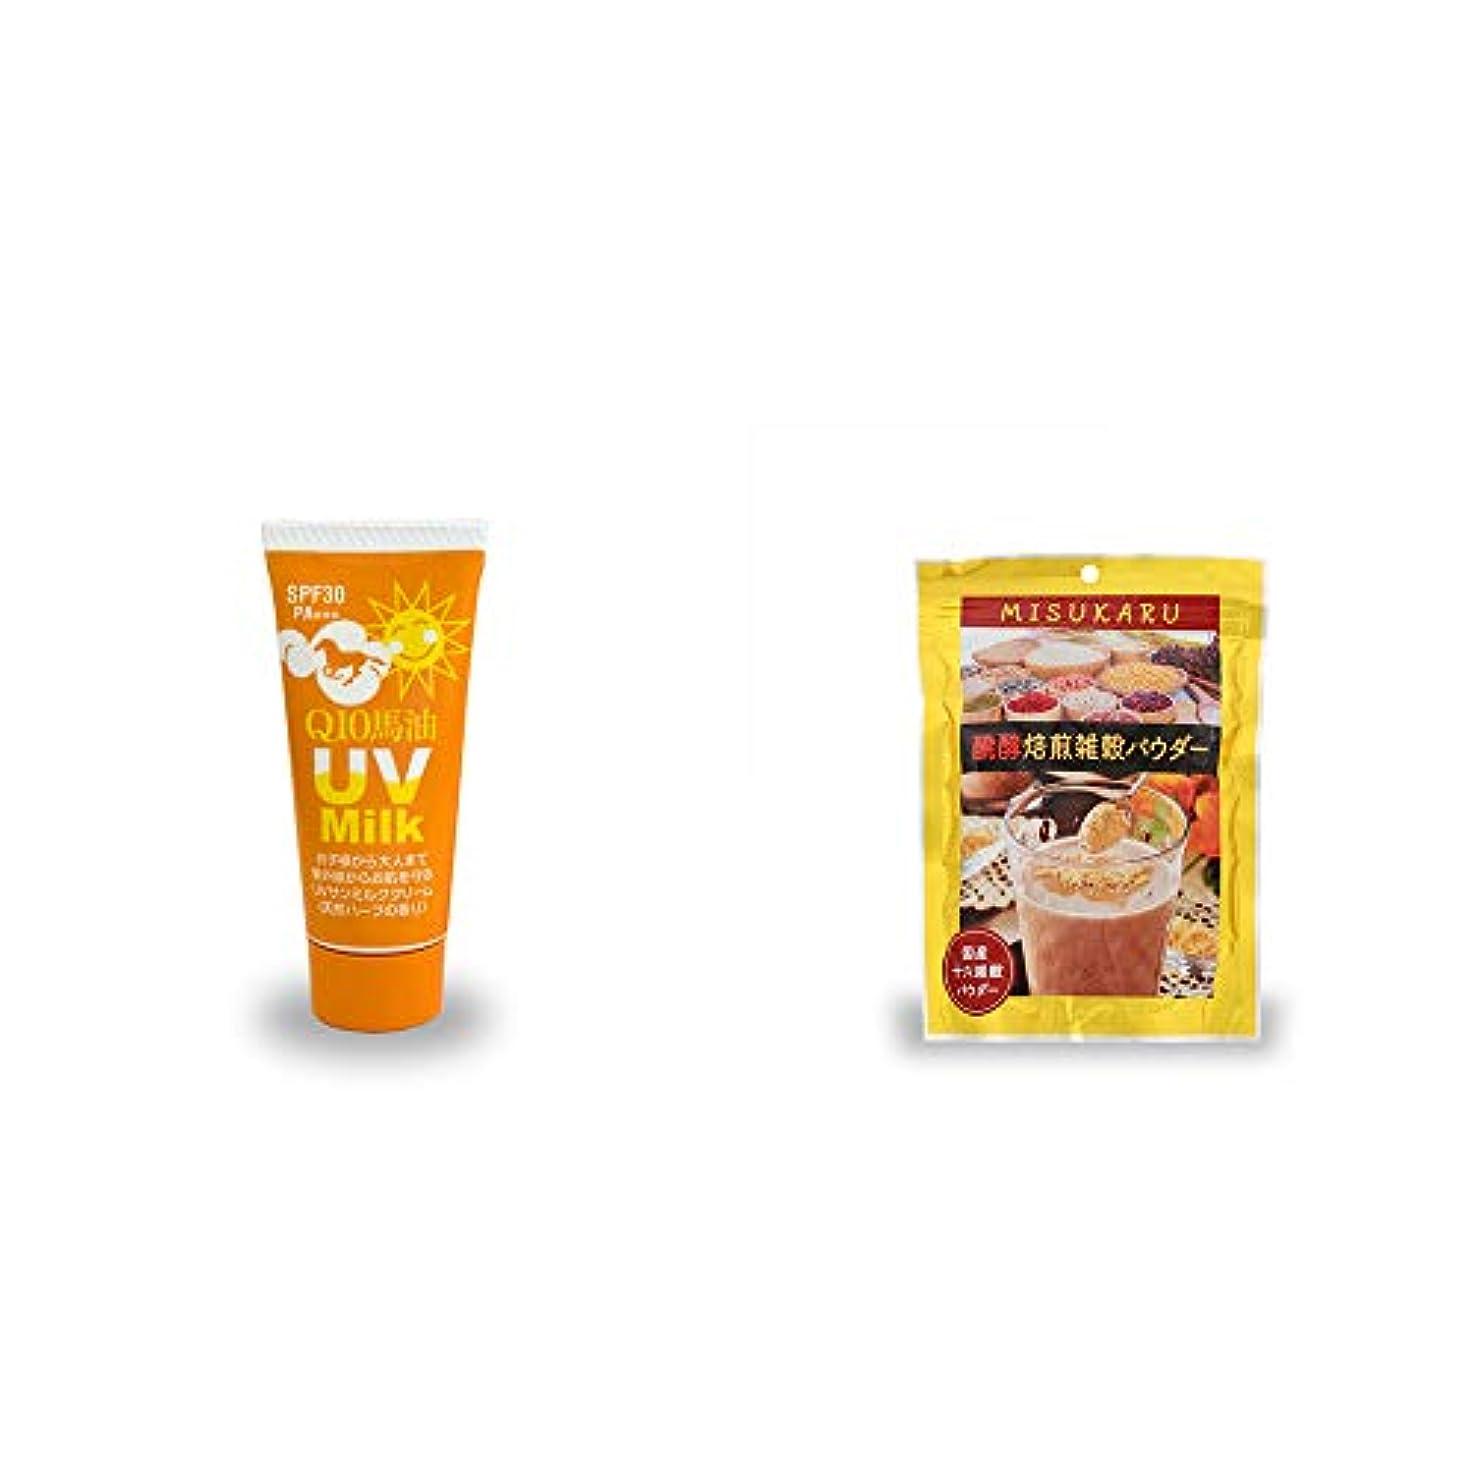 合併羊先生[2点セット] 炭黒泉 Q10馬油 UVサンミルク[天然ハーブ](40g)?醗酵焙煎雑穀パウダー MISUKARU(ミスカル)(200g)